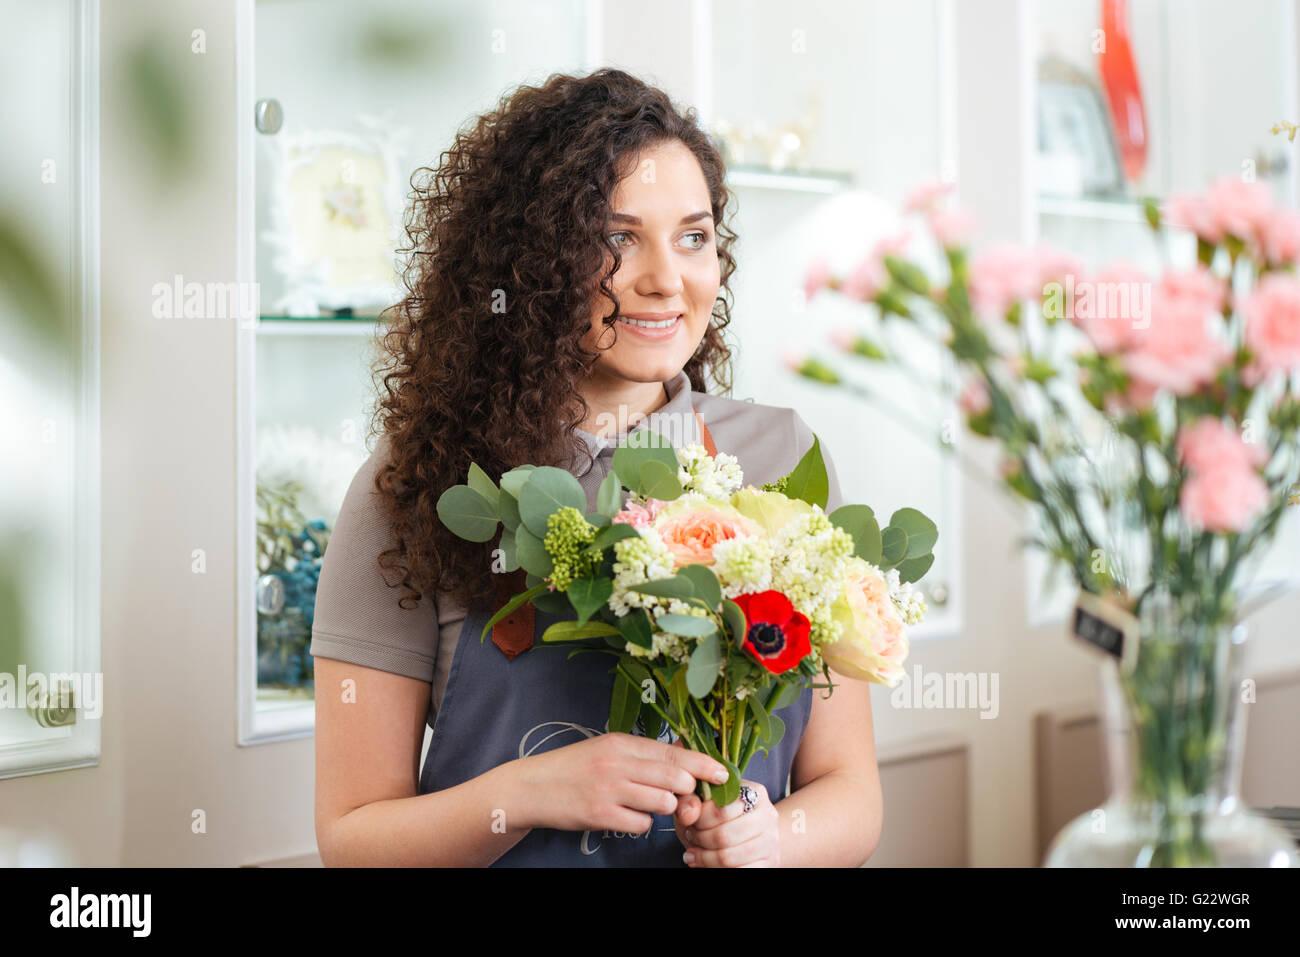 Gerne nette junge Frau Florist arbeiten im Blumenladen Stockbild